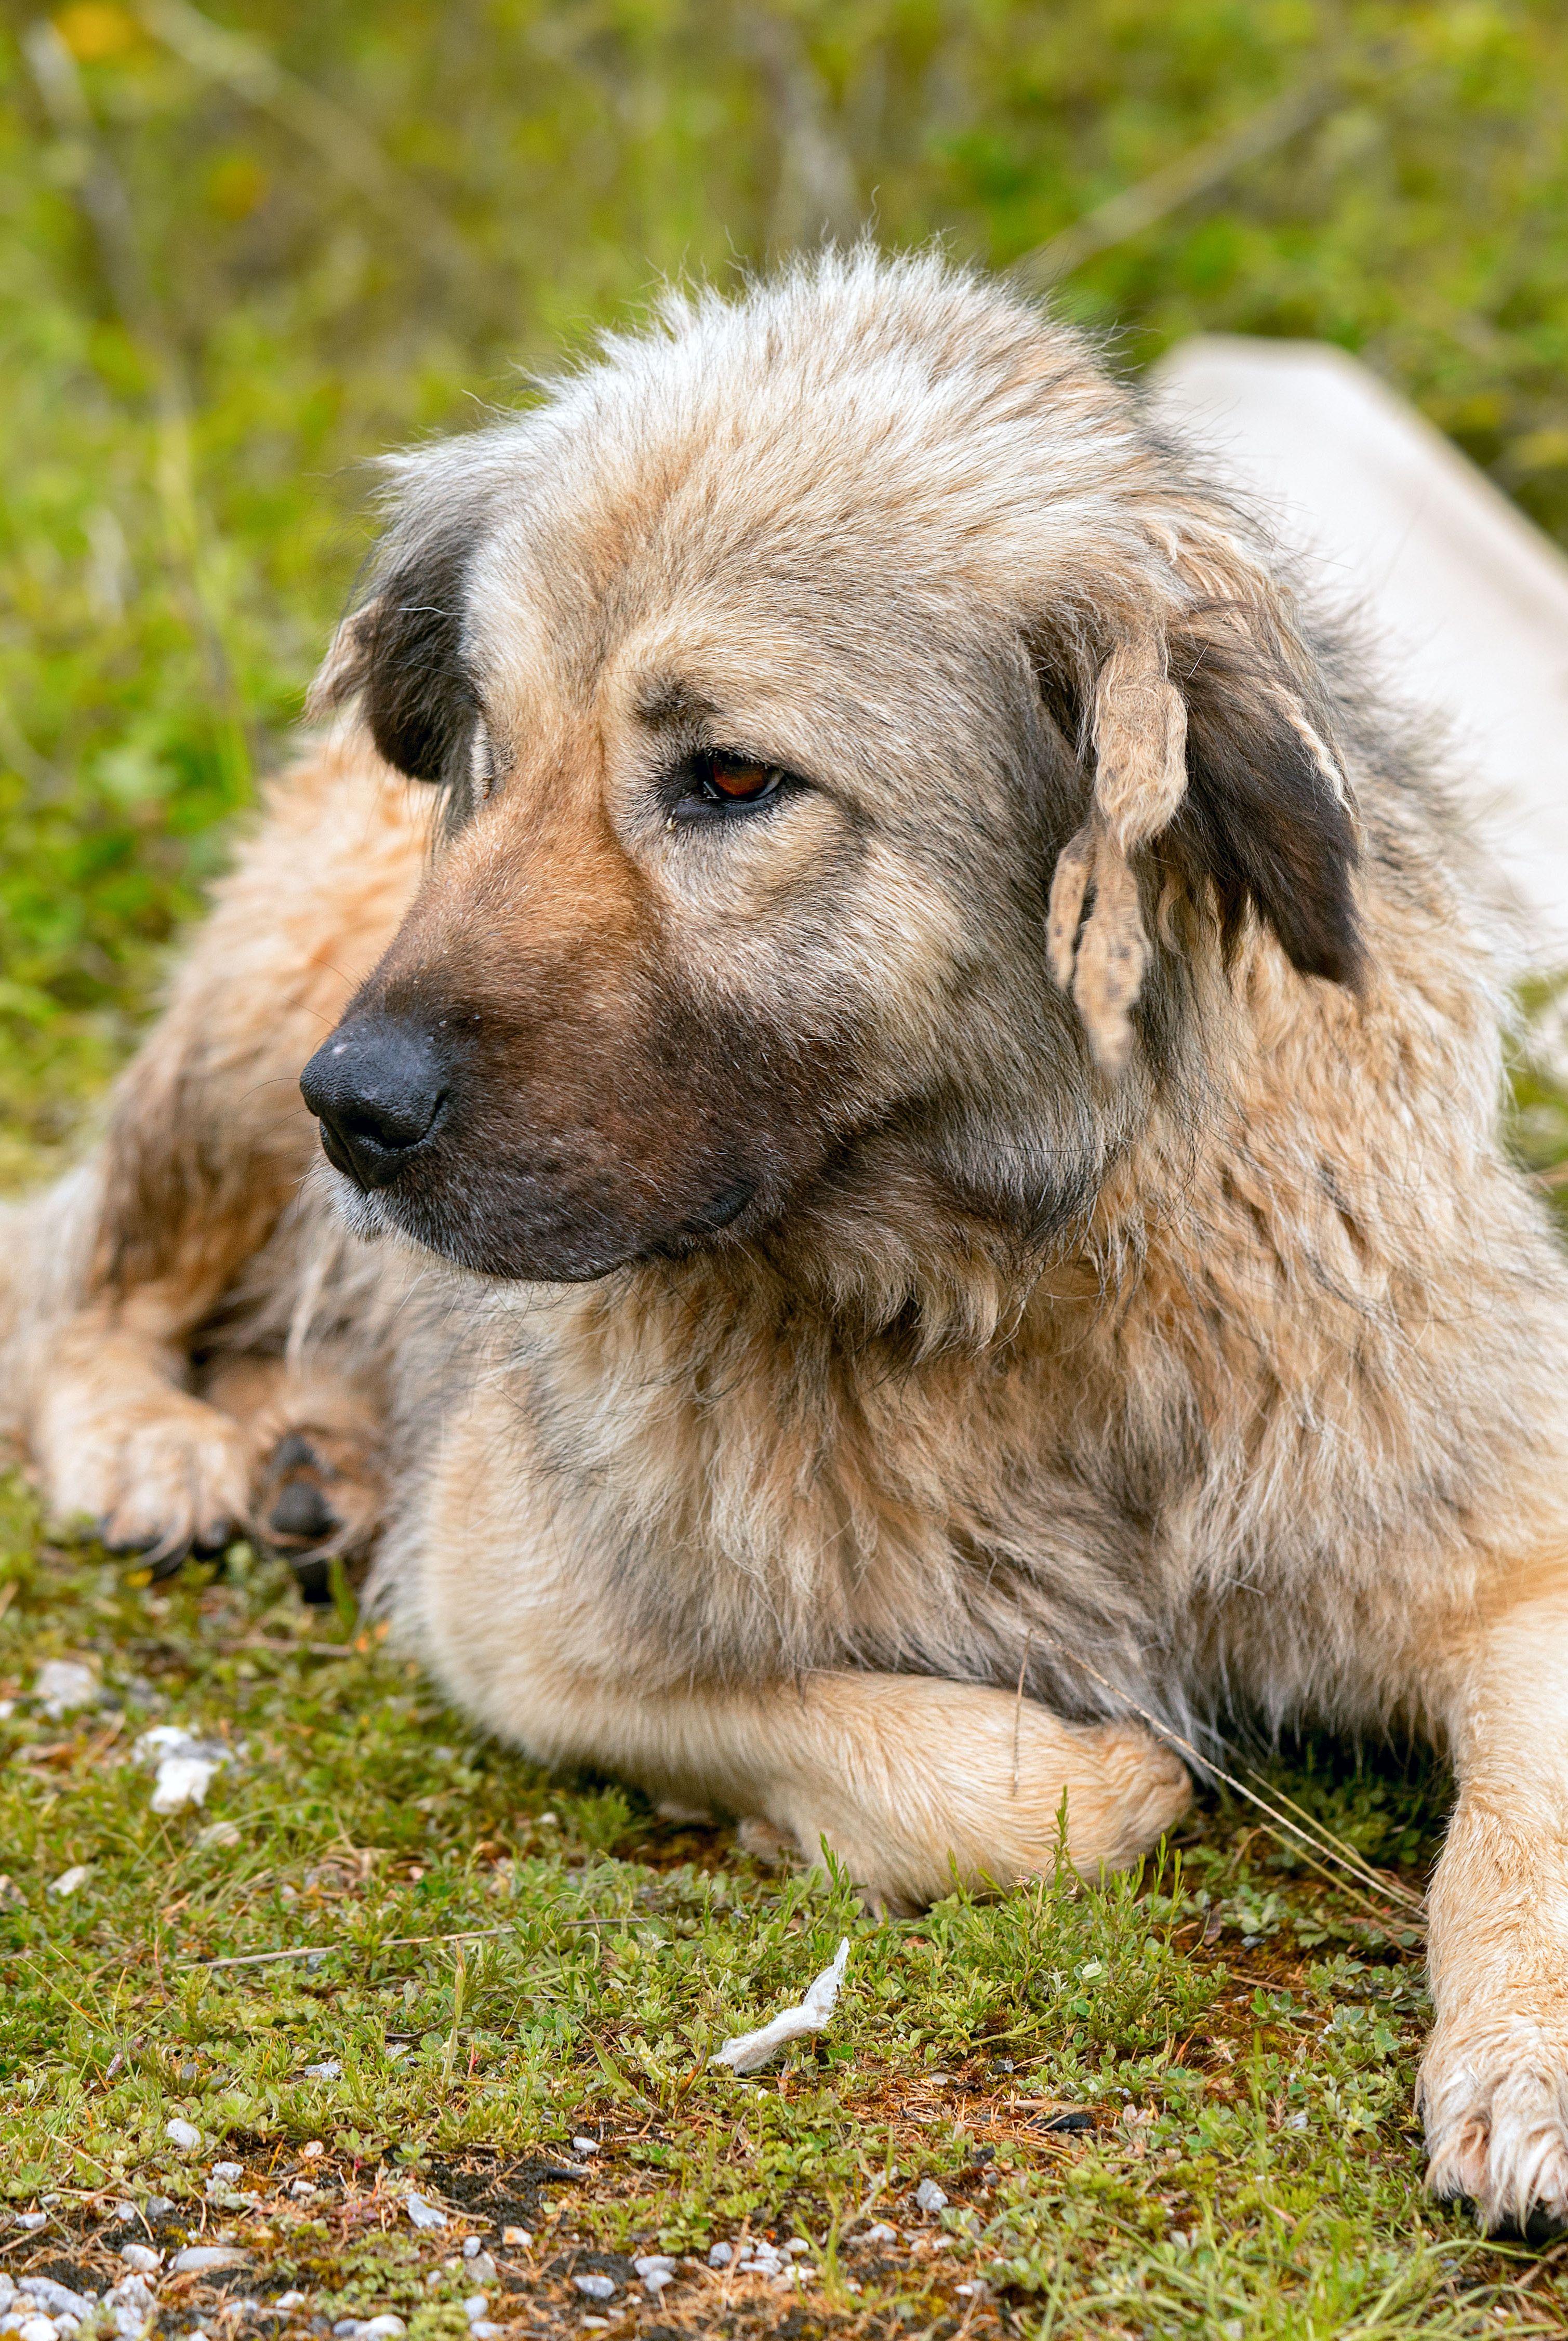 Кавказская овчарка Эти массивные собаки точно знают, как реагировать, если они чувствуют угрозу вашему дому или членам семьи, поэтому не стоит недооценивать их пушистость. Кавказские овчарки - отличный вариант, если у вас есть дети и другие животные, потому что они любят и заботятся о своей семье.